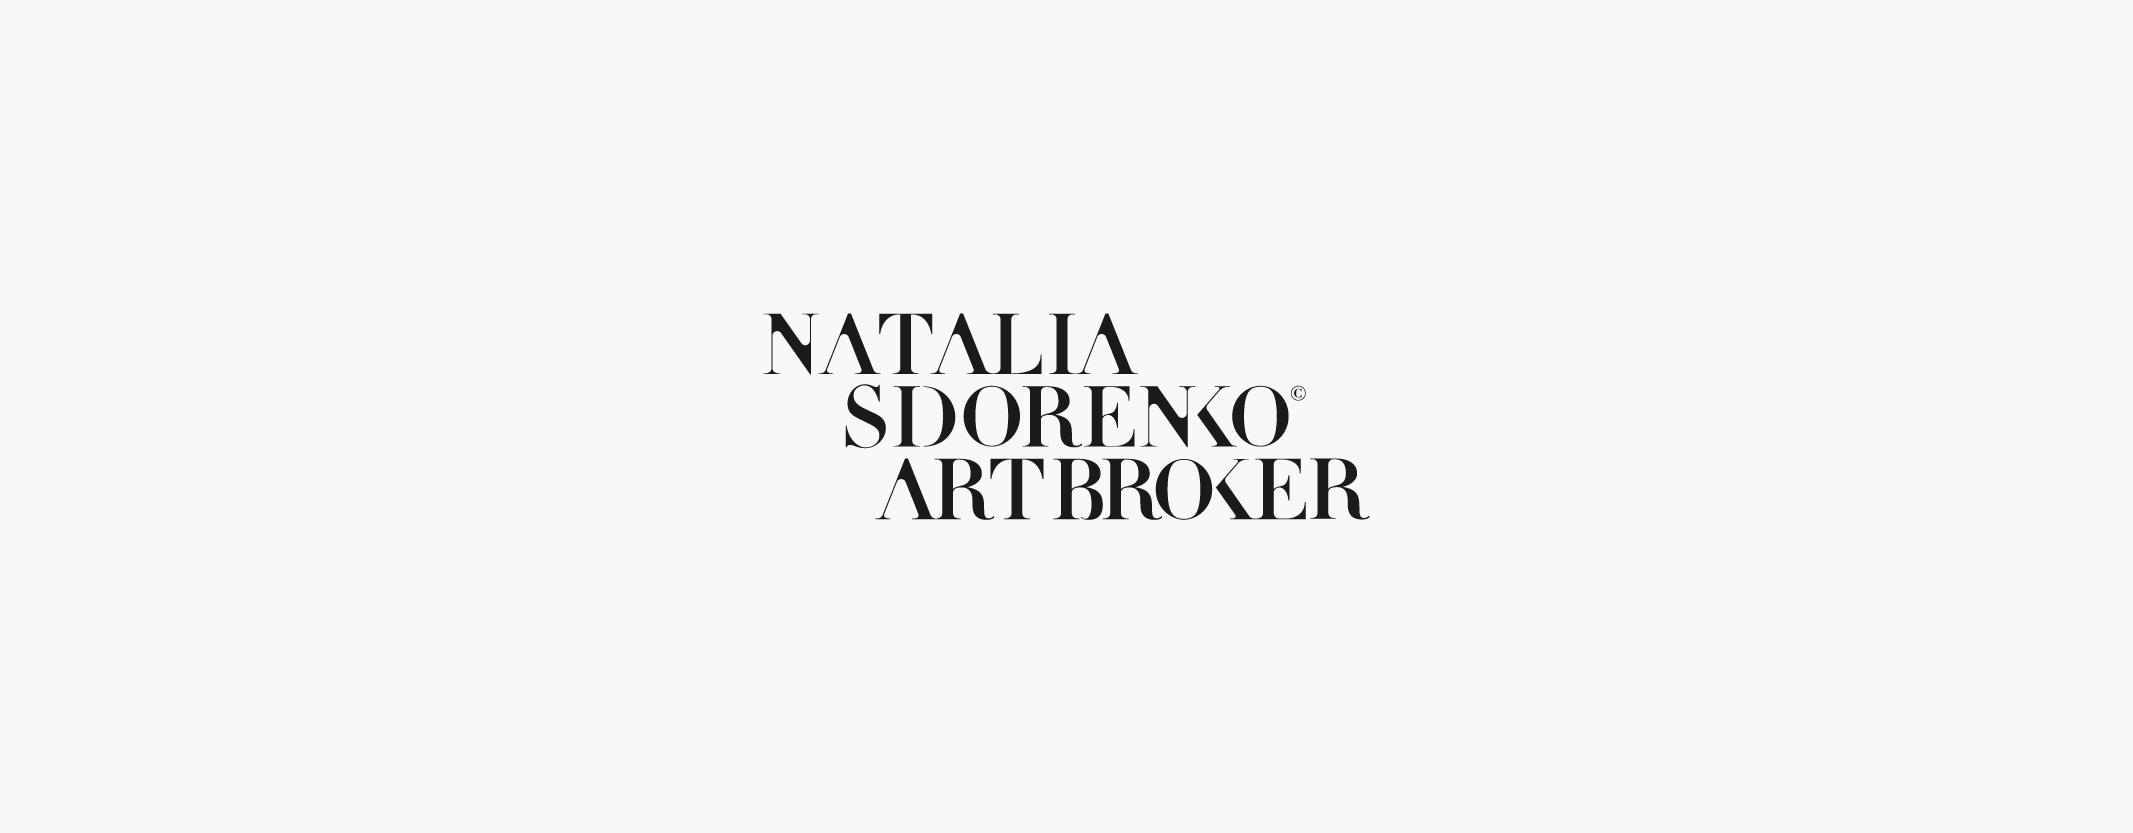 Logos_Natalia_typo